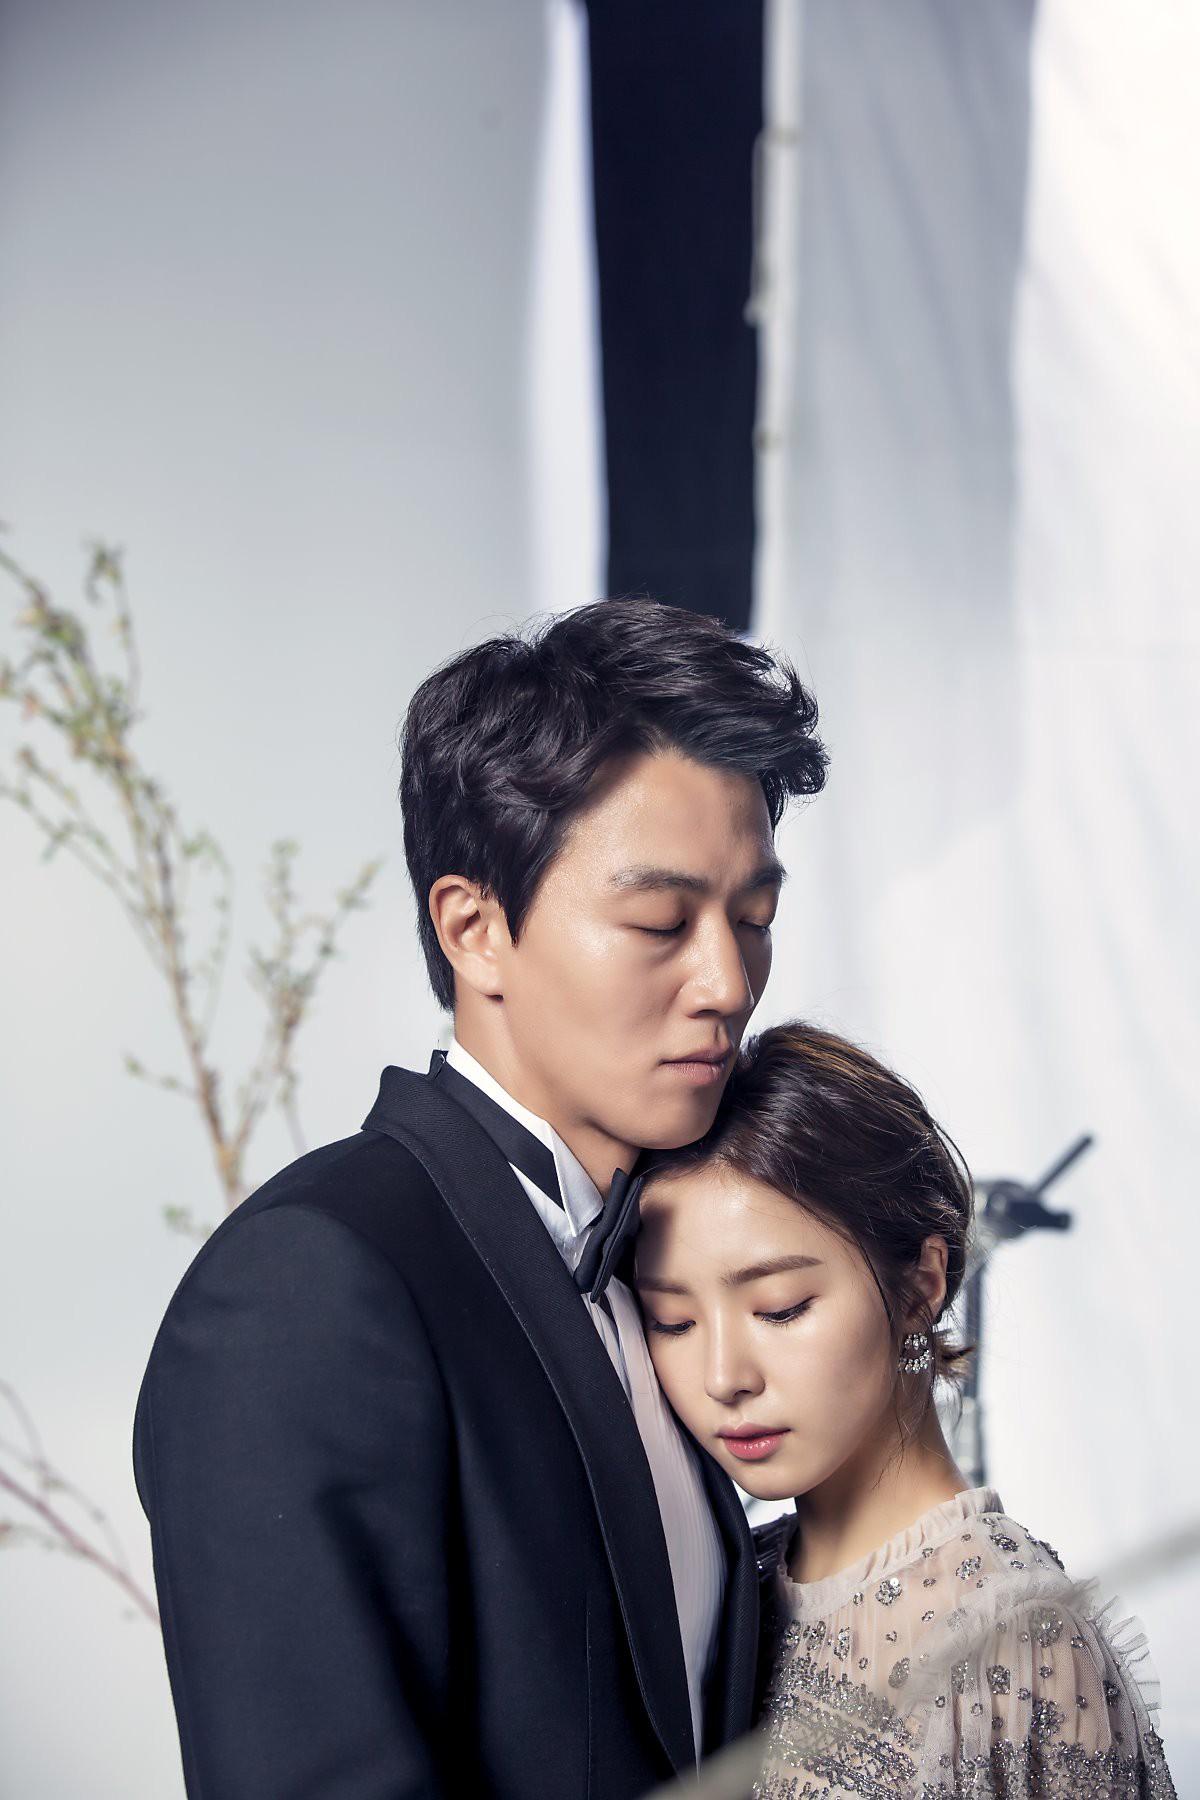 Phim của Yoo Seung Ho bị Kỵ Sĩ của Shin Se Kyung vượt mặt ngay tập đầu - Ảnh 9.